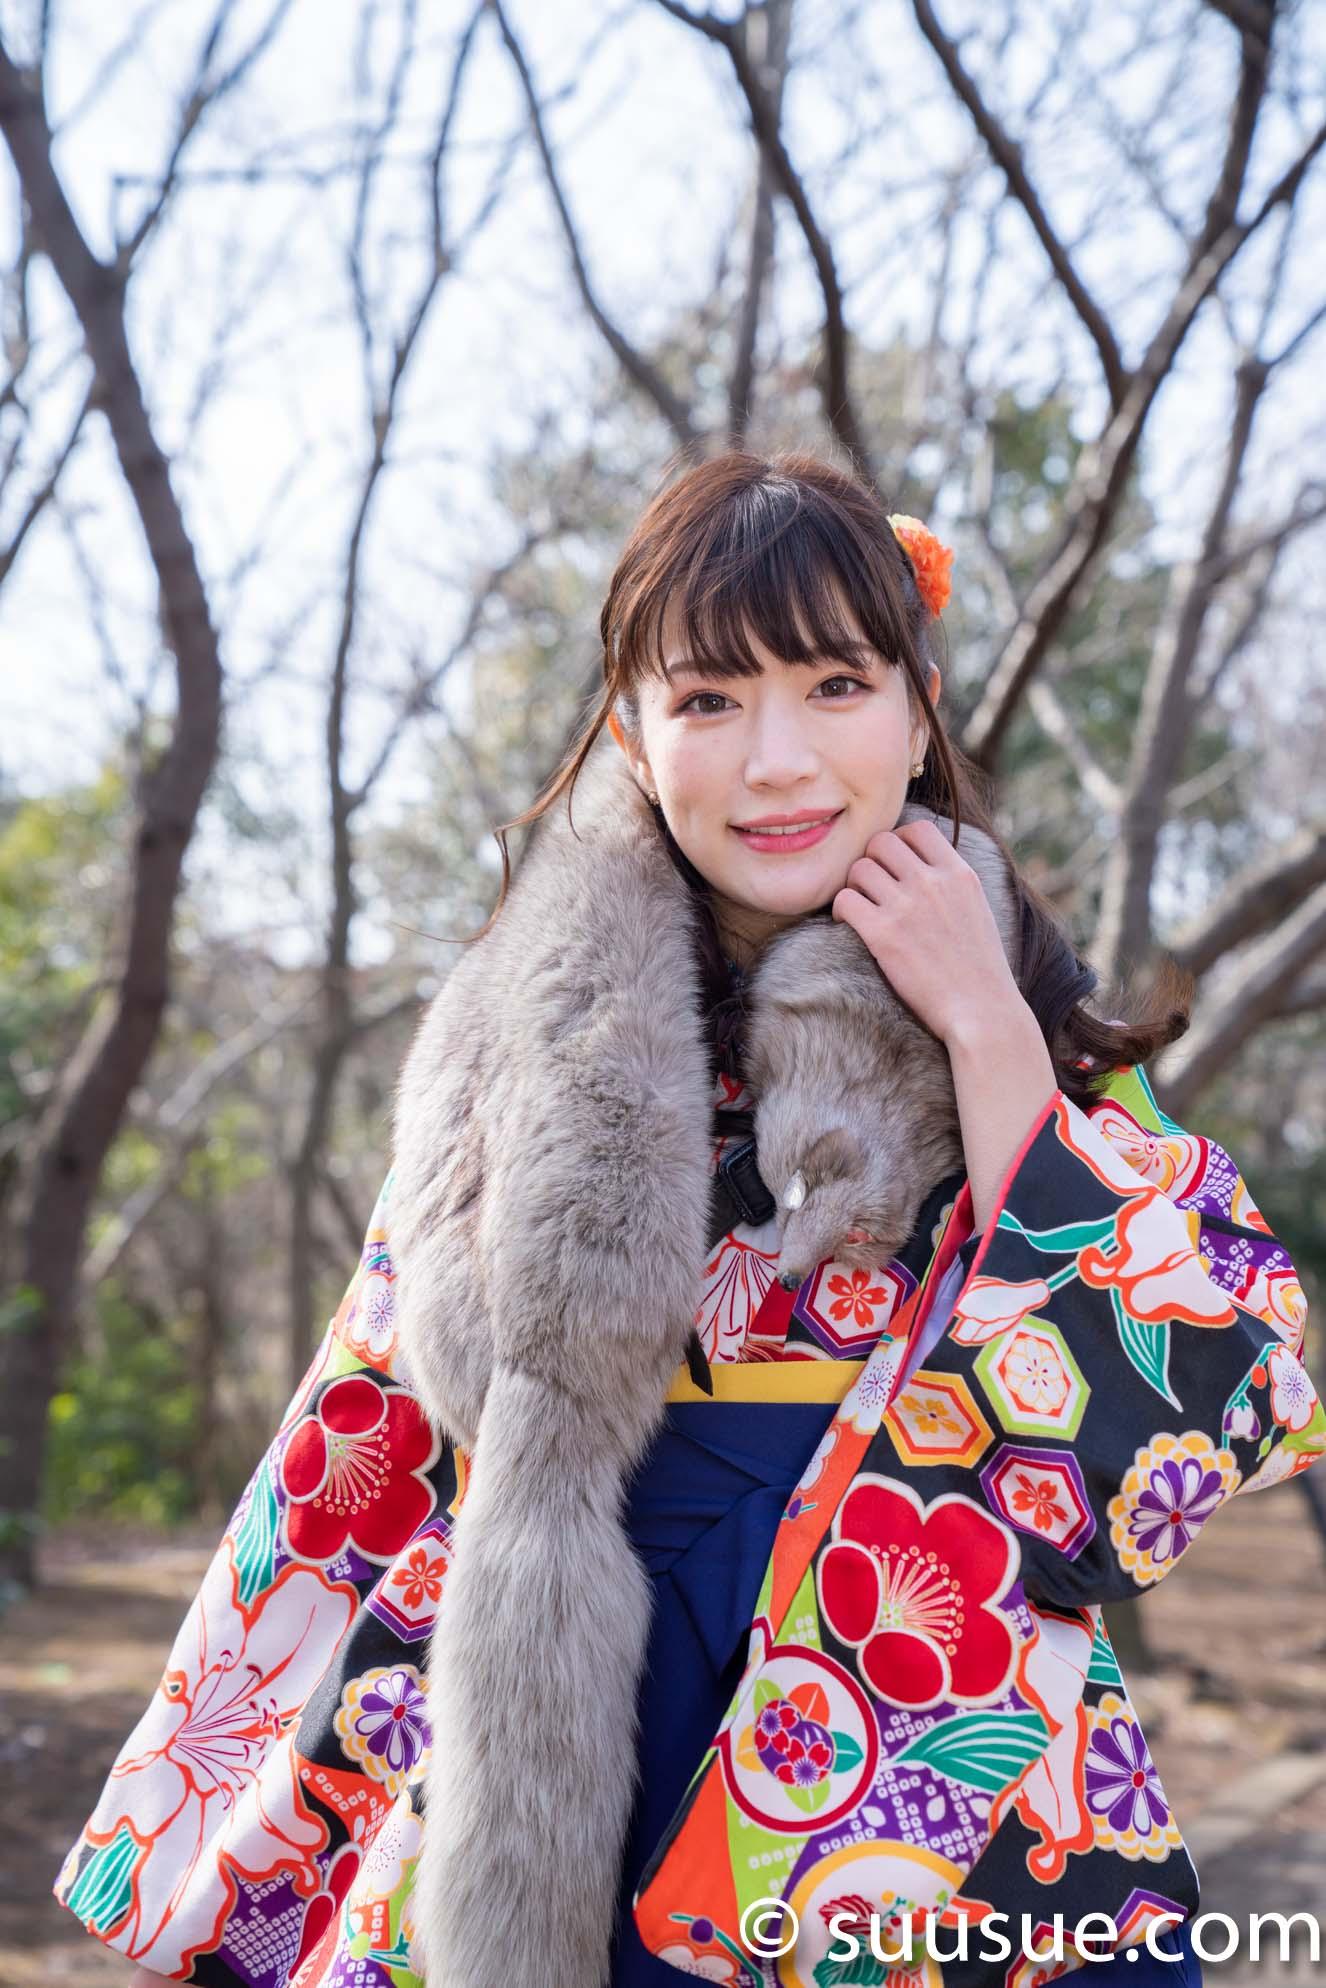 小嶋みやび 袴 2019/02/10 Newtype撮影会